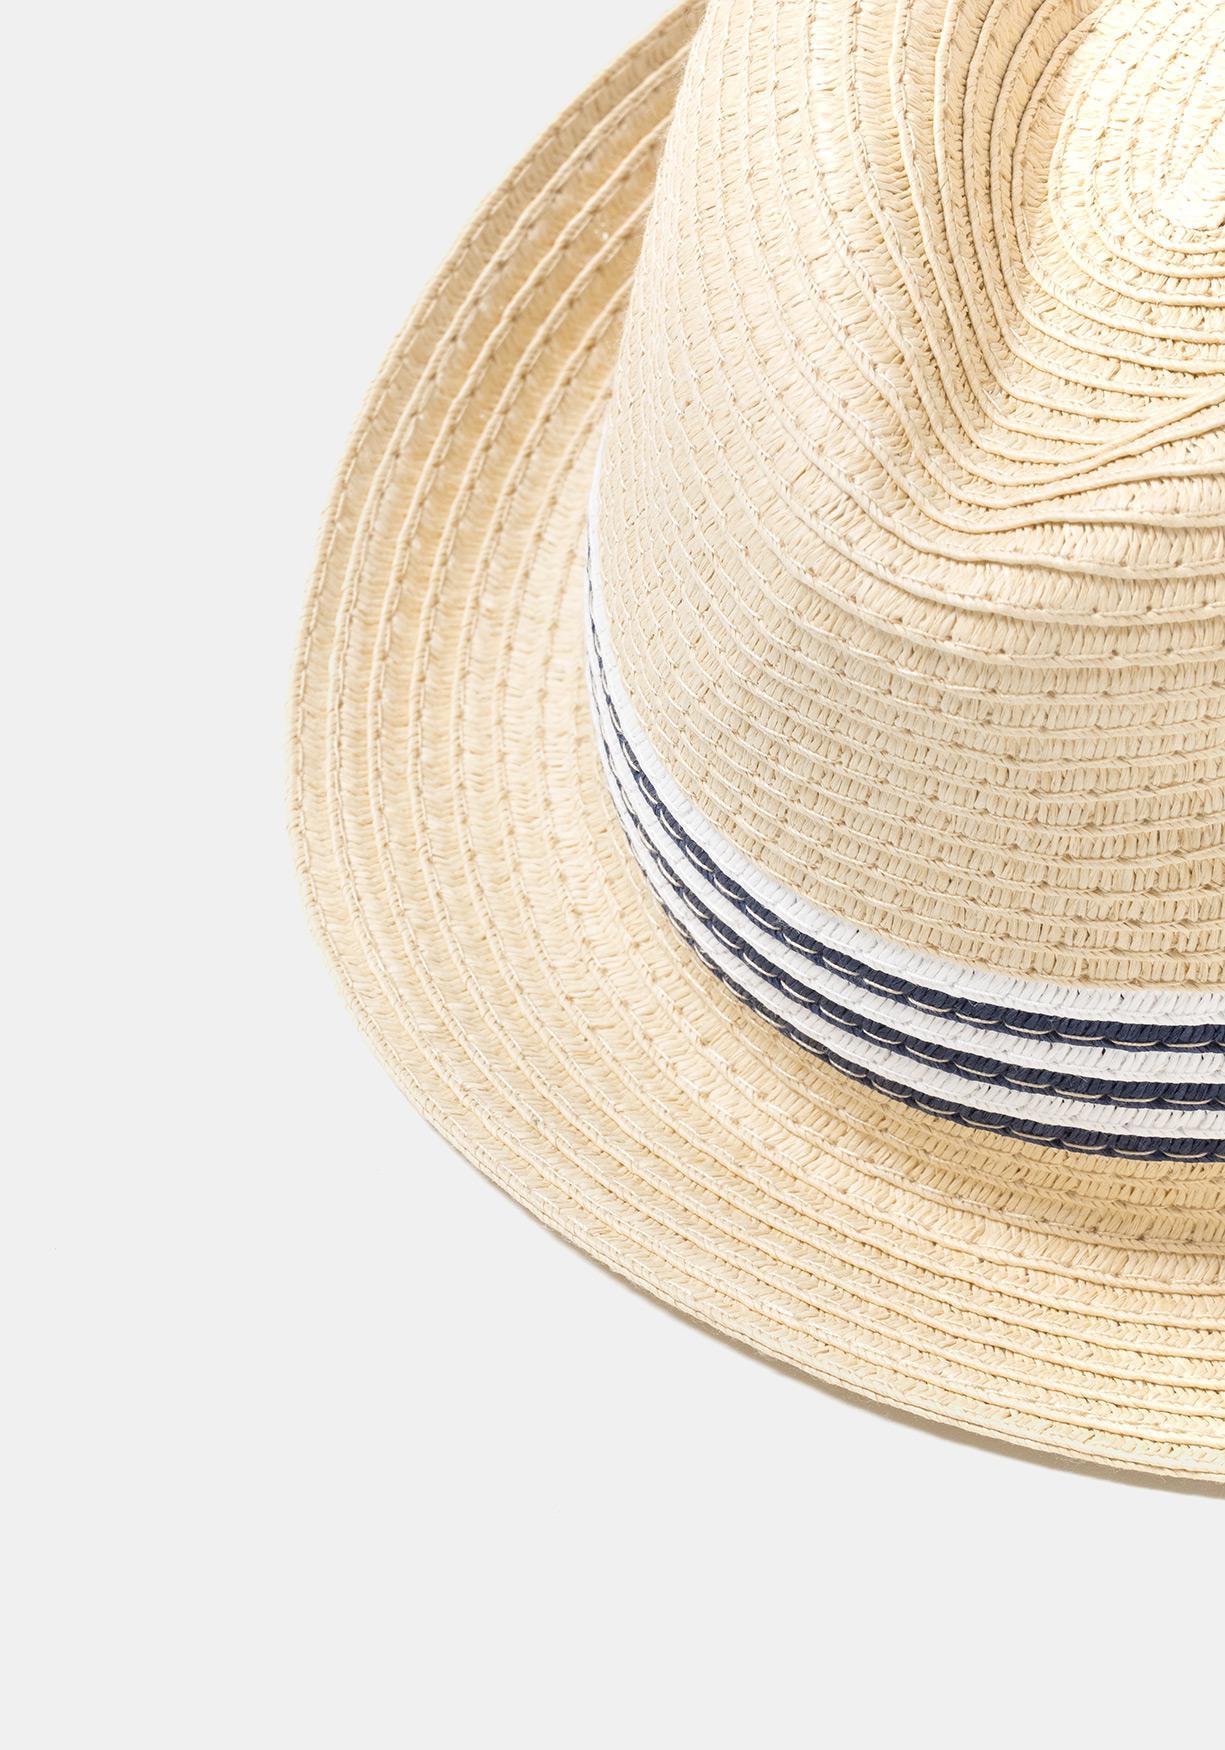 1abfb6d114c51 Comprar Sombrero semibásico borsalino. ¡Aprovéchate de nuestros ...